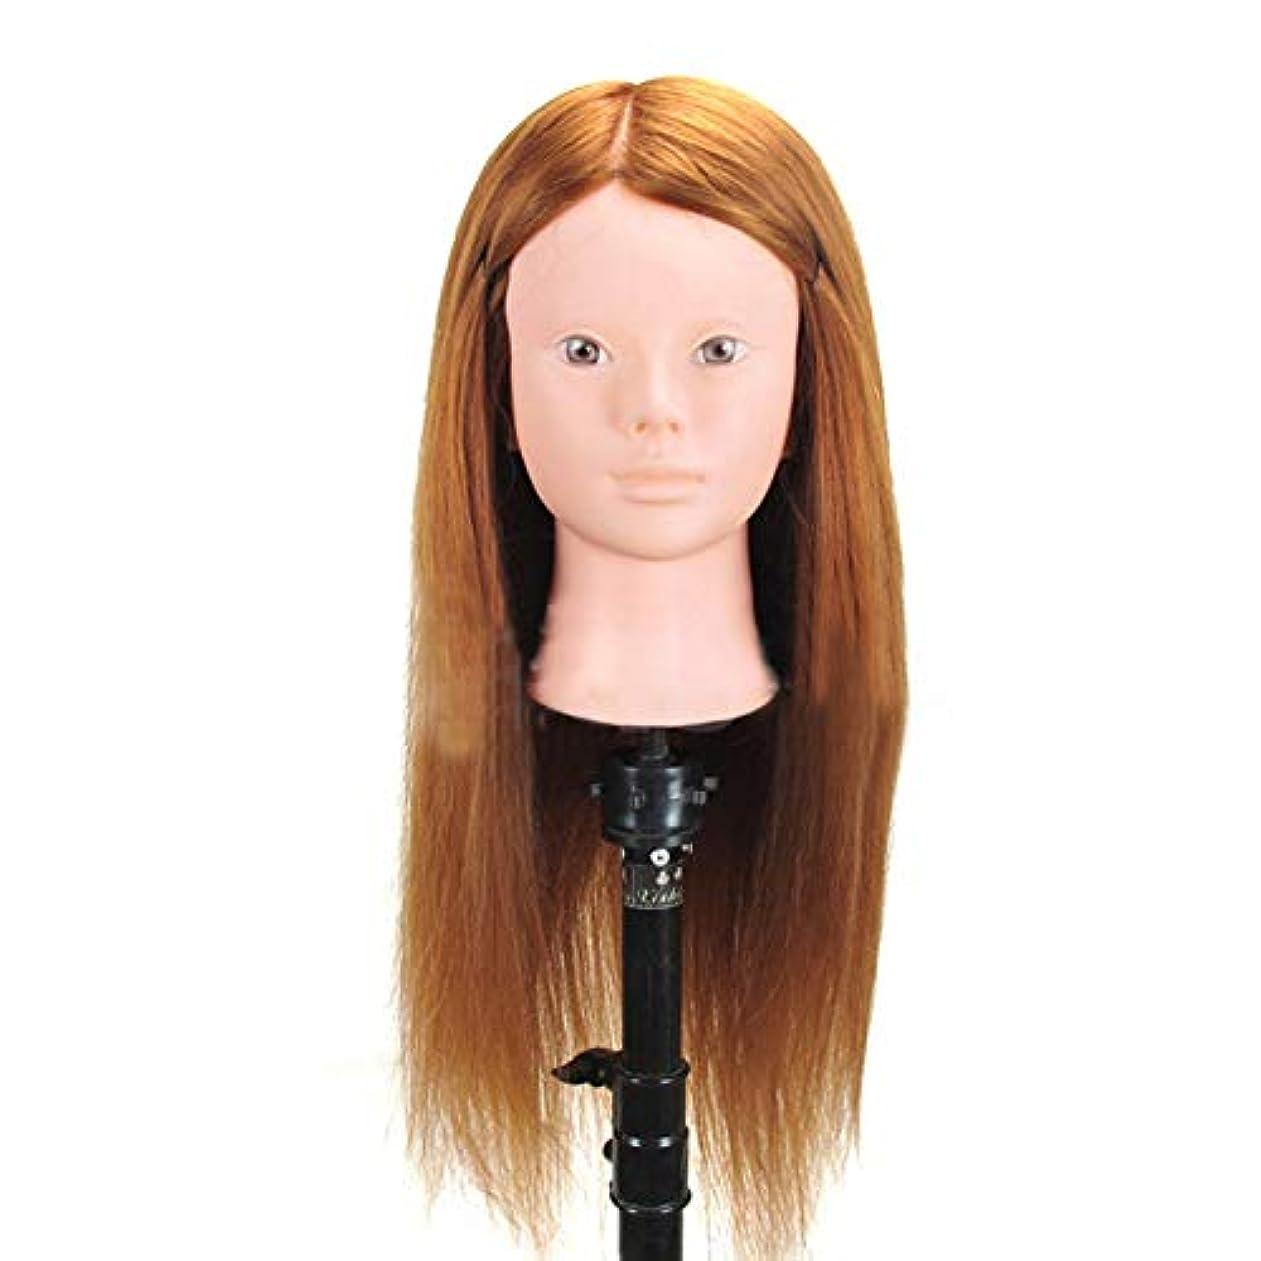 印をつける球状具体的に高温シルクヘアマネキンヘッド編組ヘアヘアピンヘッドモデルサロンパーマ髪染め学習ダミーヘッド